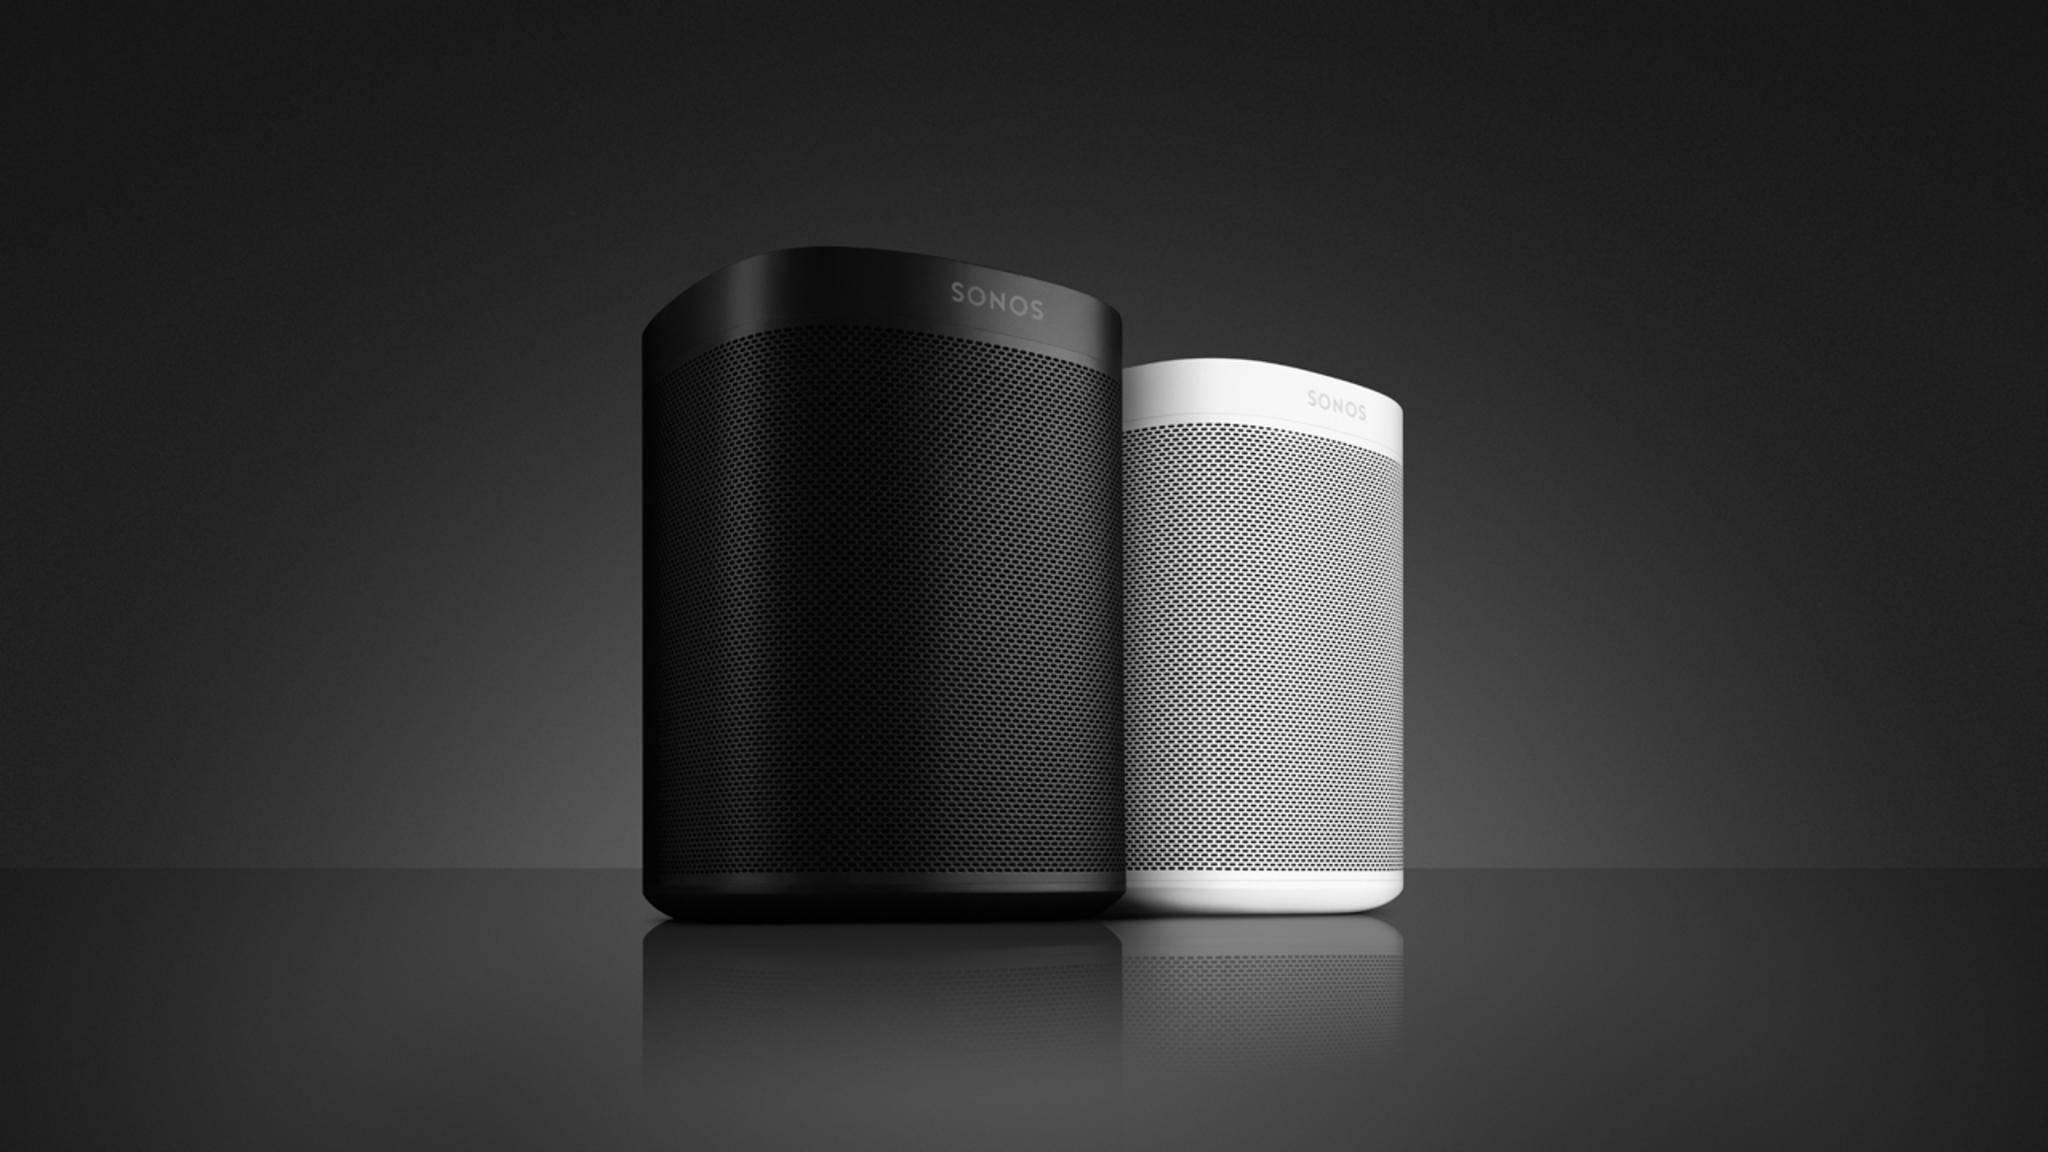 Kabellose Smart-Lautsprecher werden sicher auch die CES 2018 unsicher machen.